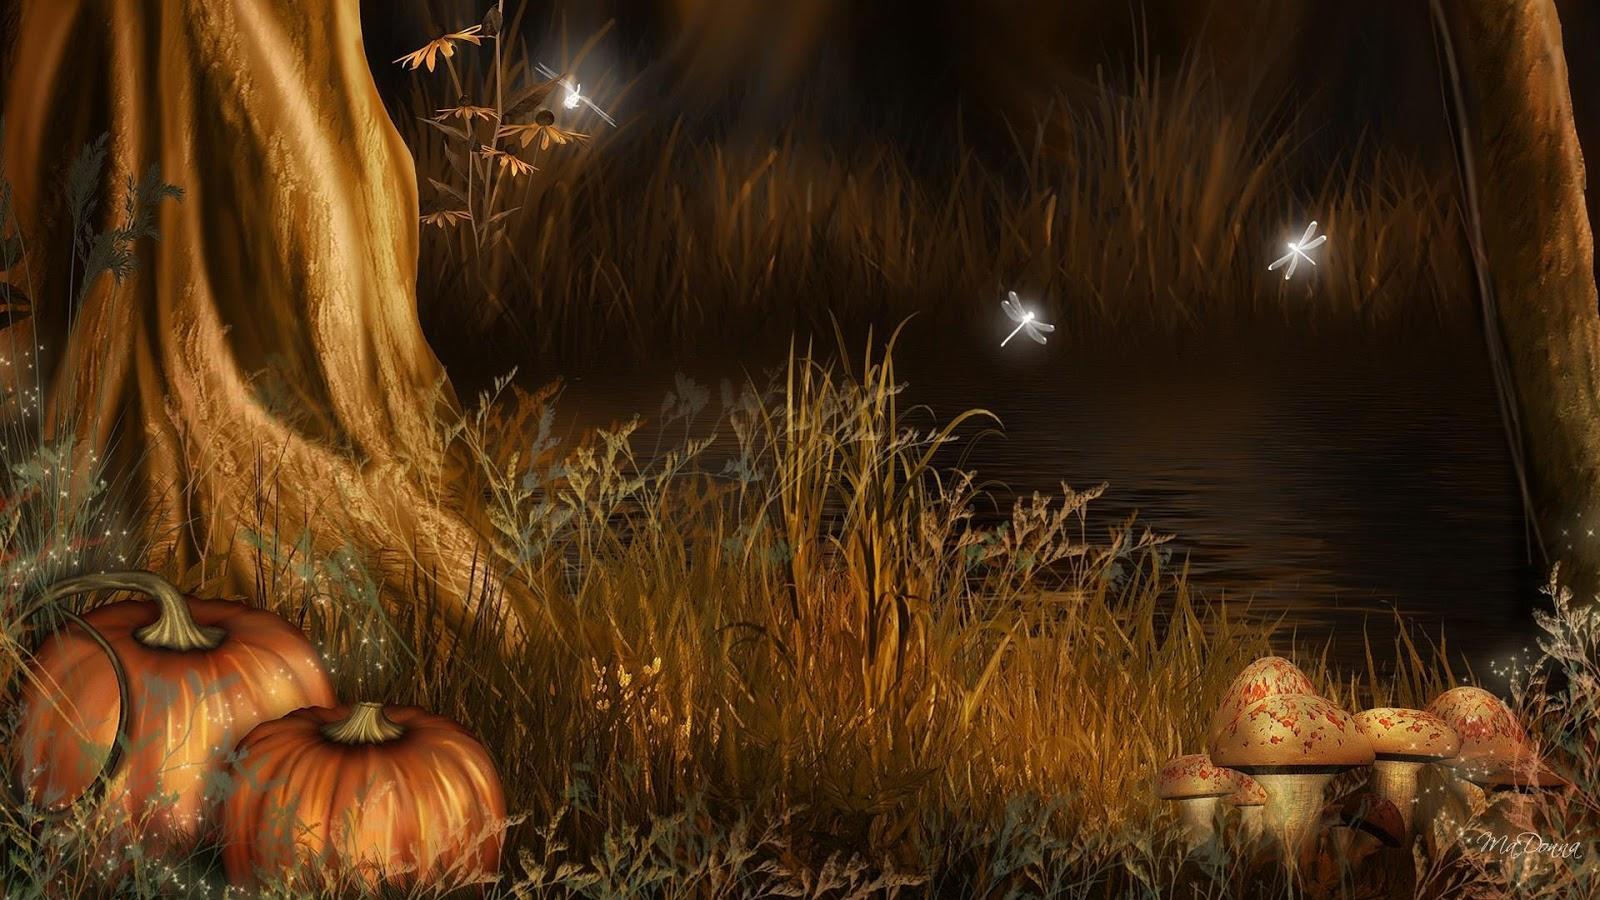 Halloween wallpapers free halloween wallpapers - Pumpkin wallpaper fall ...